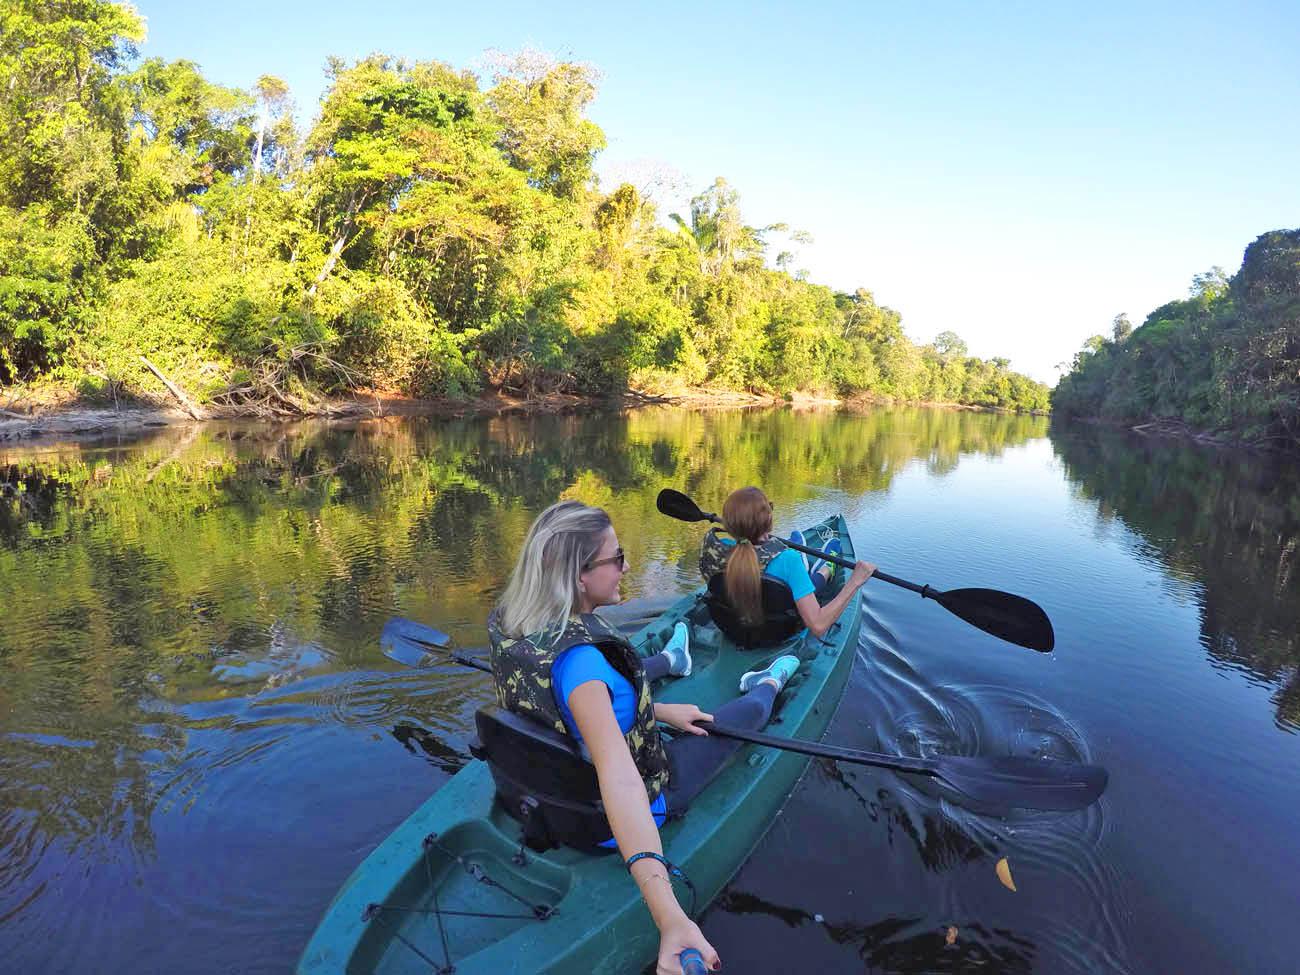 De caiaque Rio Cristalino abaixo, rumo ao pôr do sol!